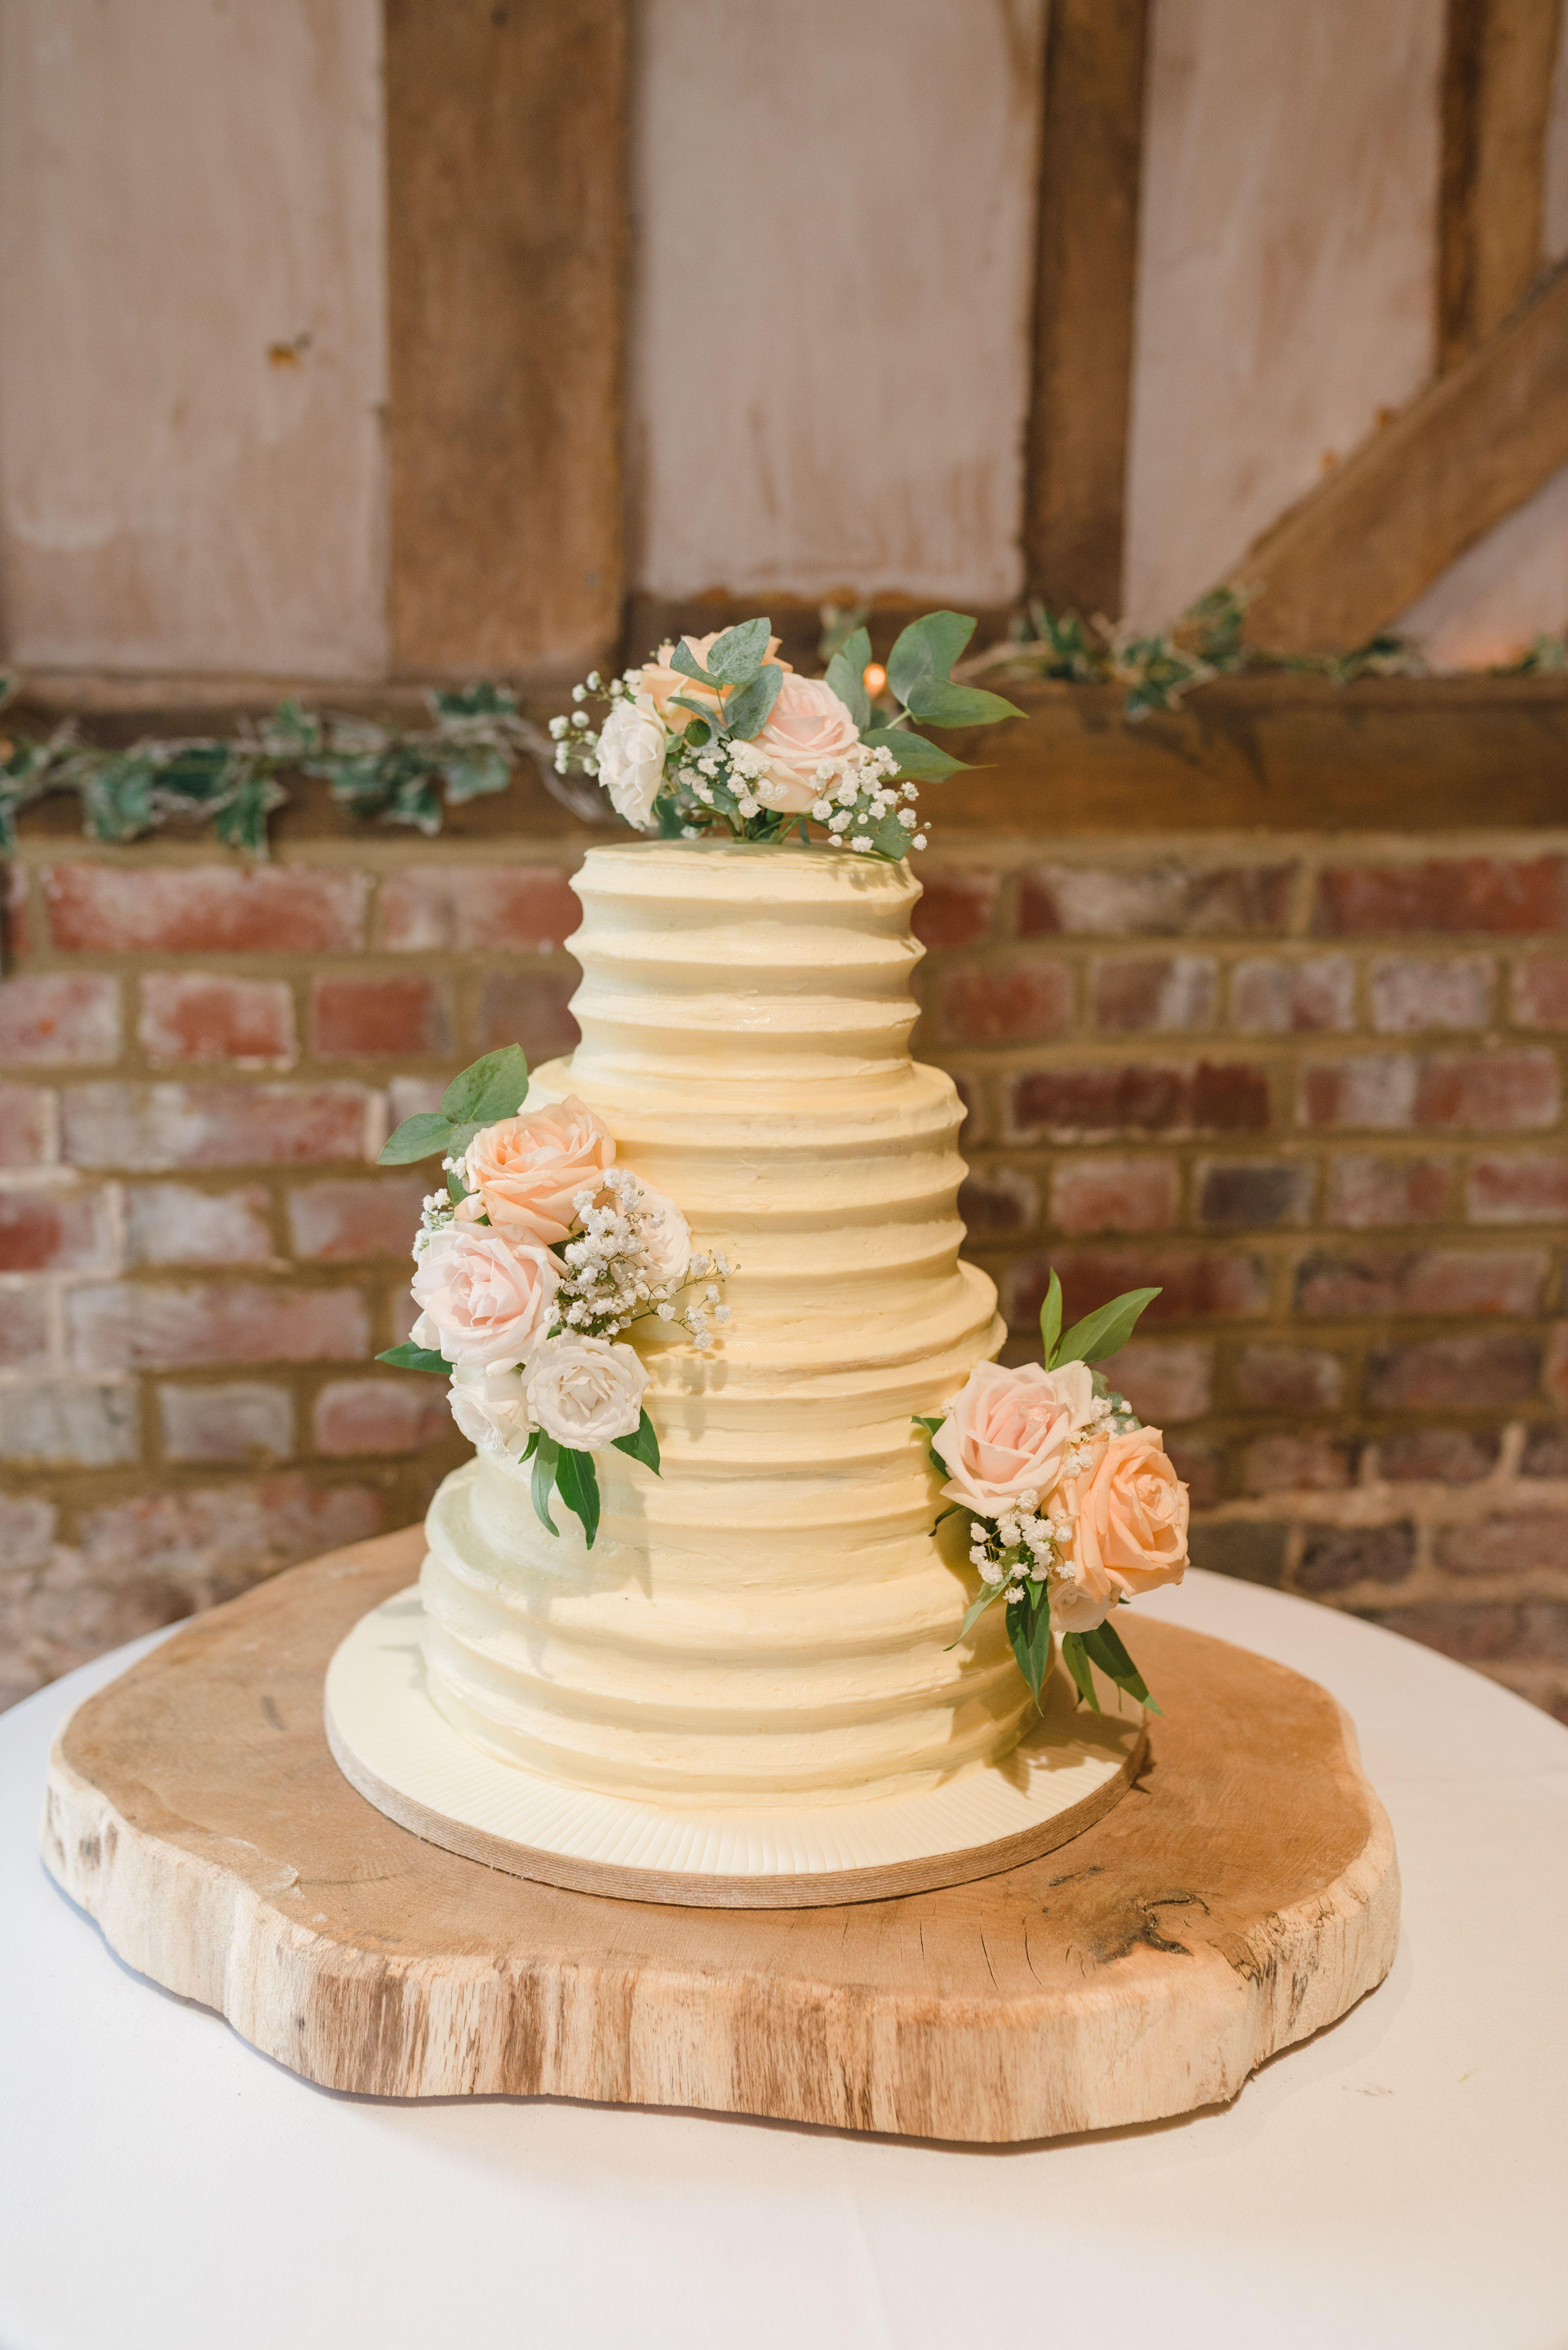 Pin by Sarah on Wedding cake | Pinterest | Wedding cake, Weddings ...